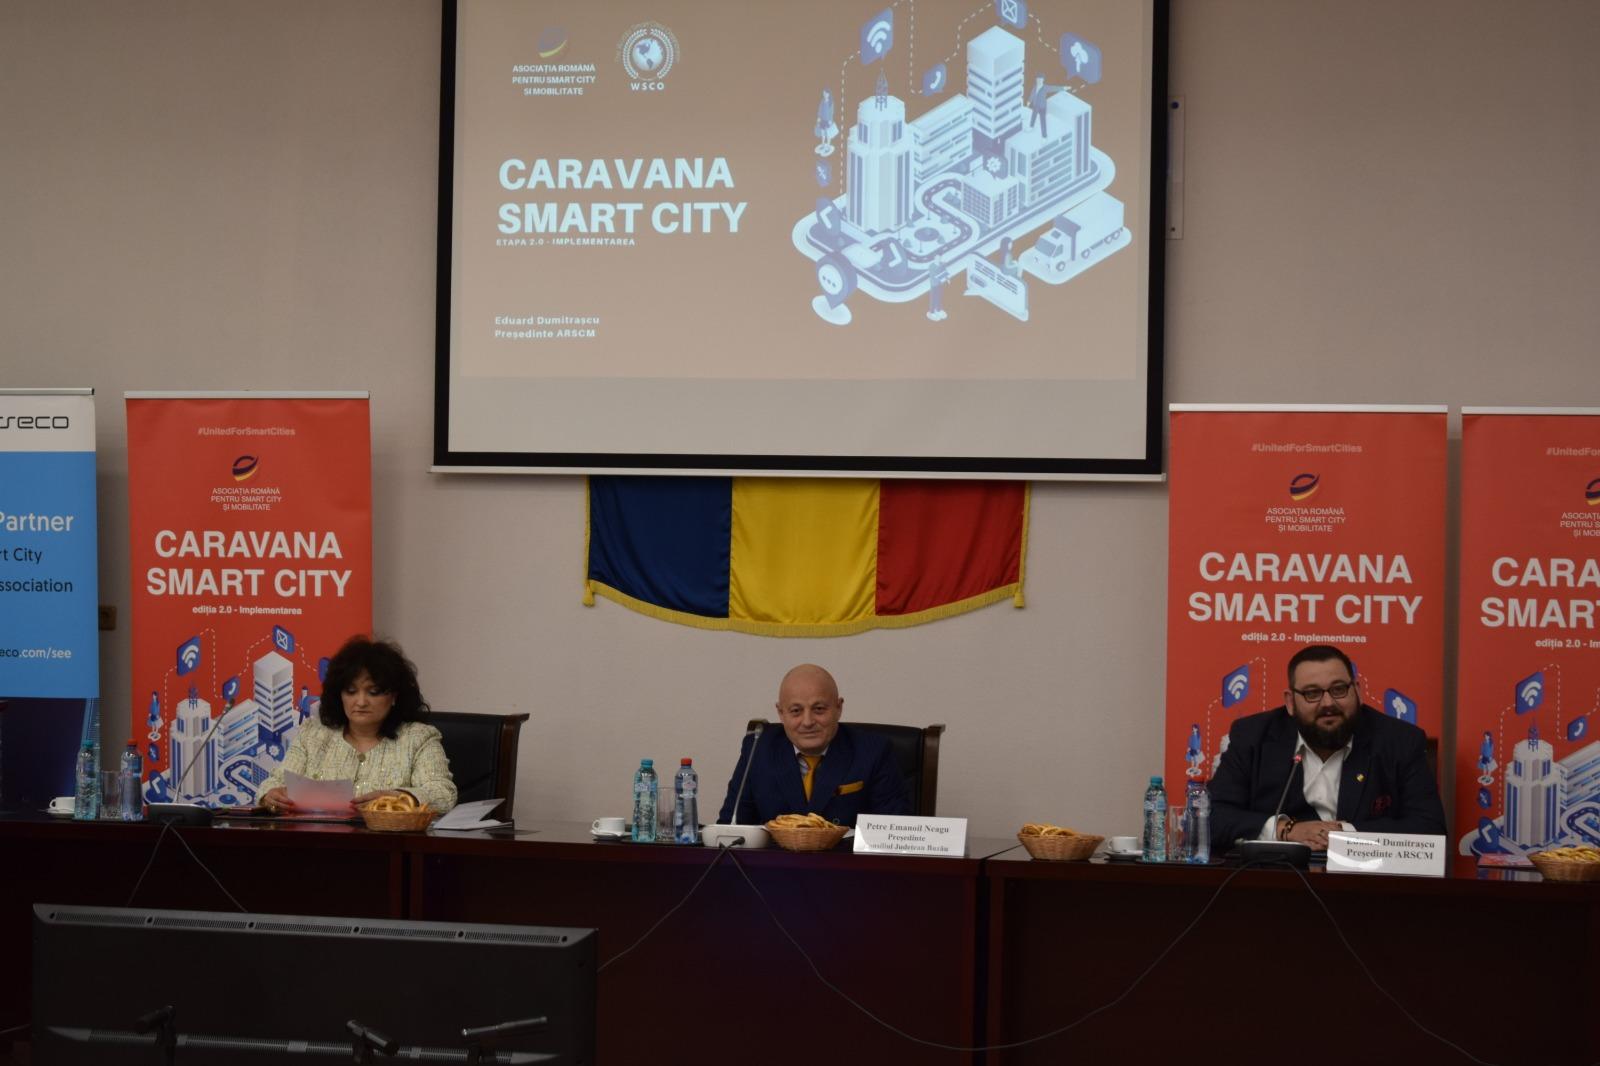 Buzaul este interesat de accelerarea implementarii proiectelor de tip Smart City